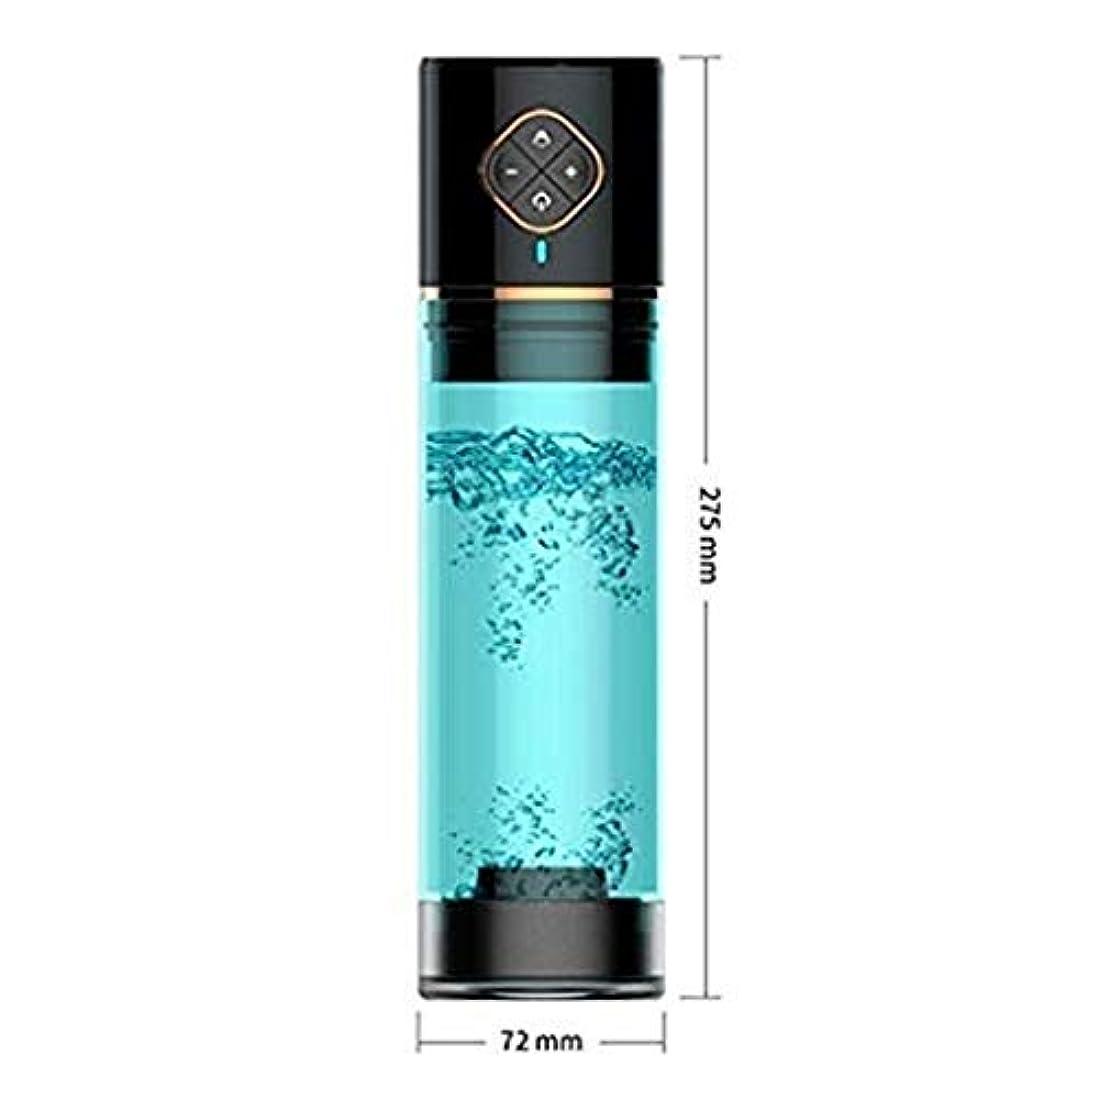 カスタム切り下げ梨Risareyi 男性の引き伸ばしポンプ自動空気圧ポンプPenǐsextenderエンハンサー-男性用リラクゼーションデバイス